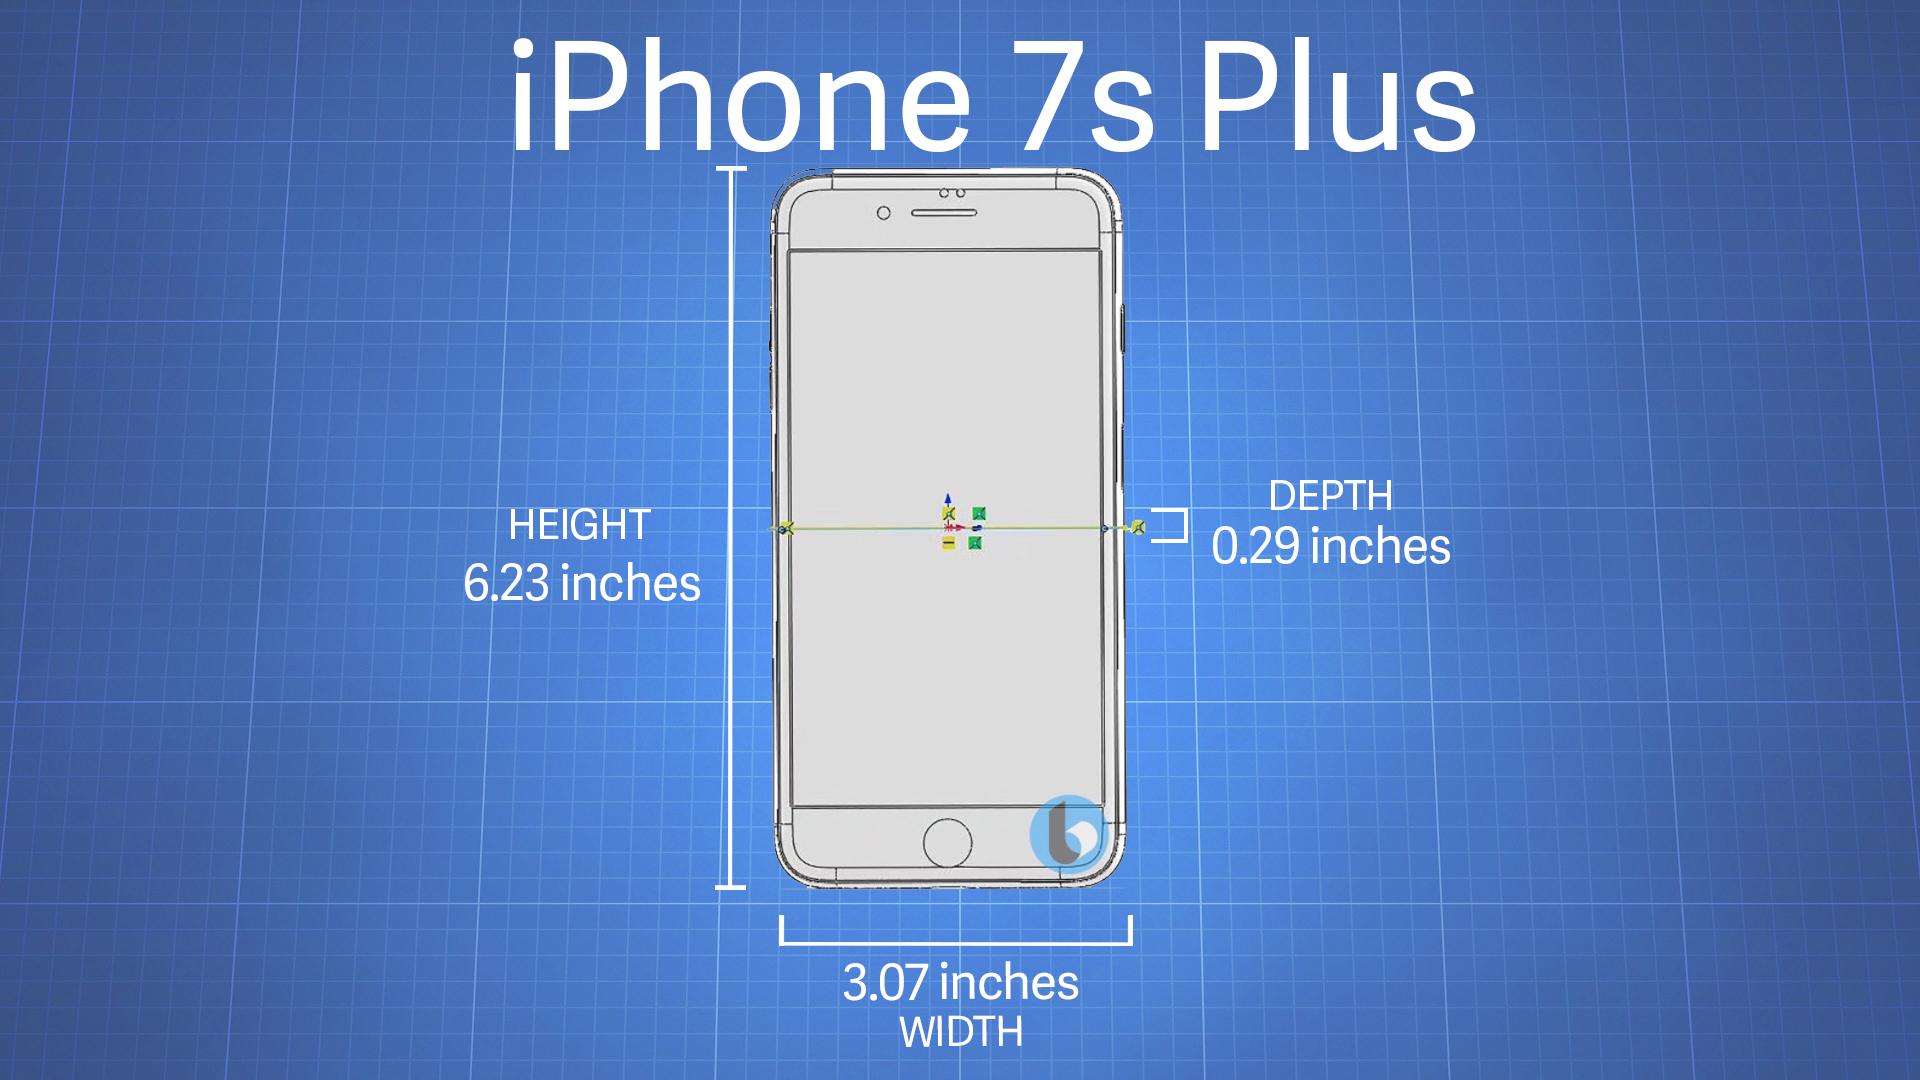 iPhone-7s-Plus